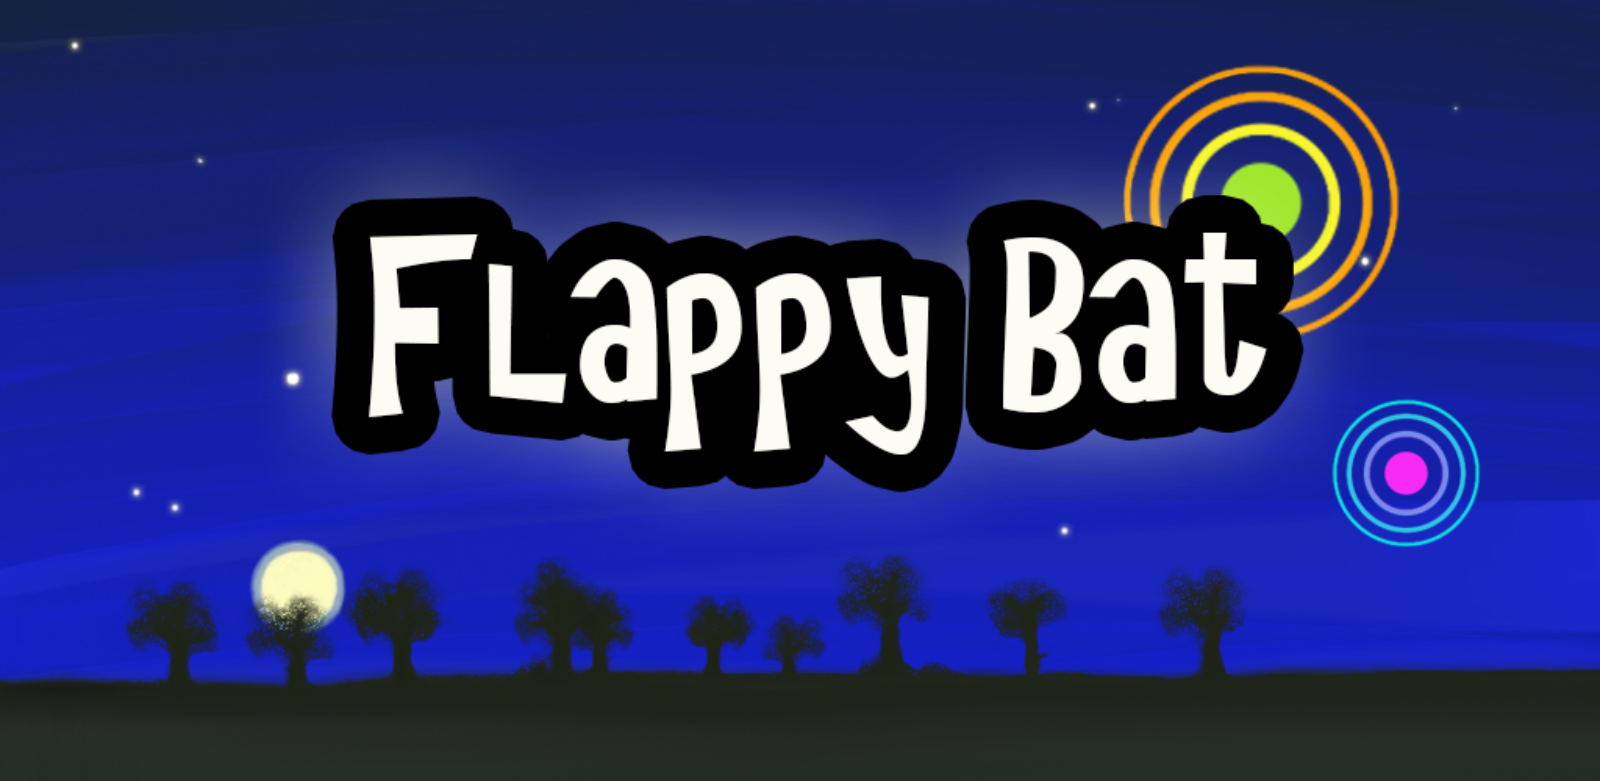 promo Flappy Bat new met bomen en maan en ring 2015